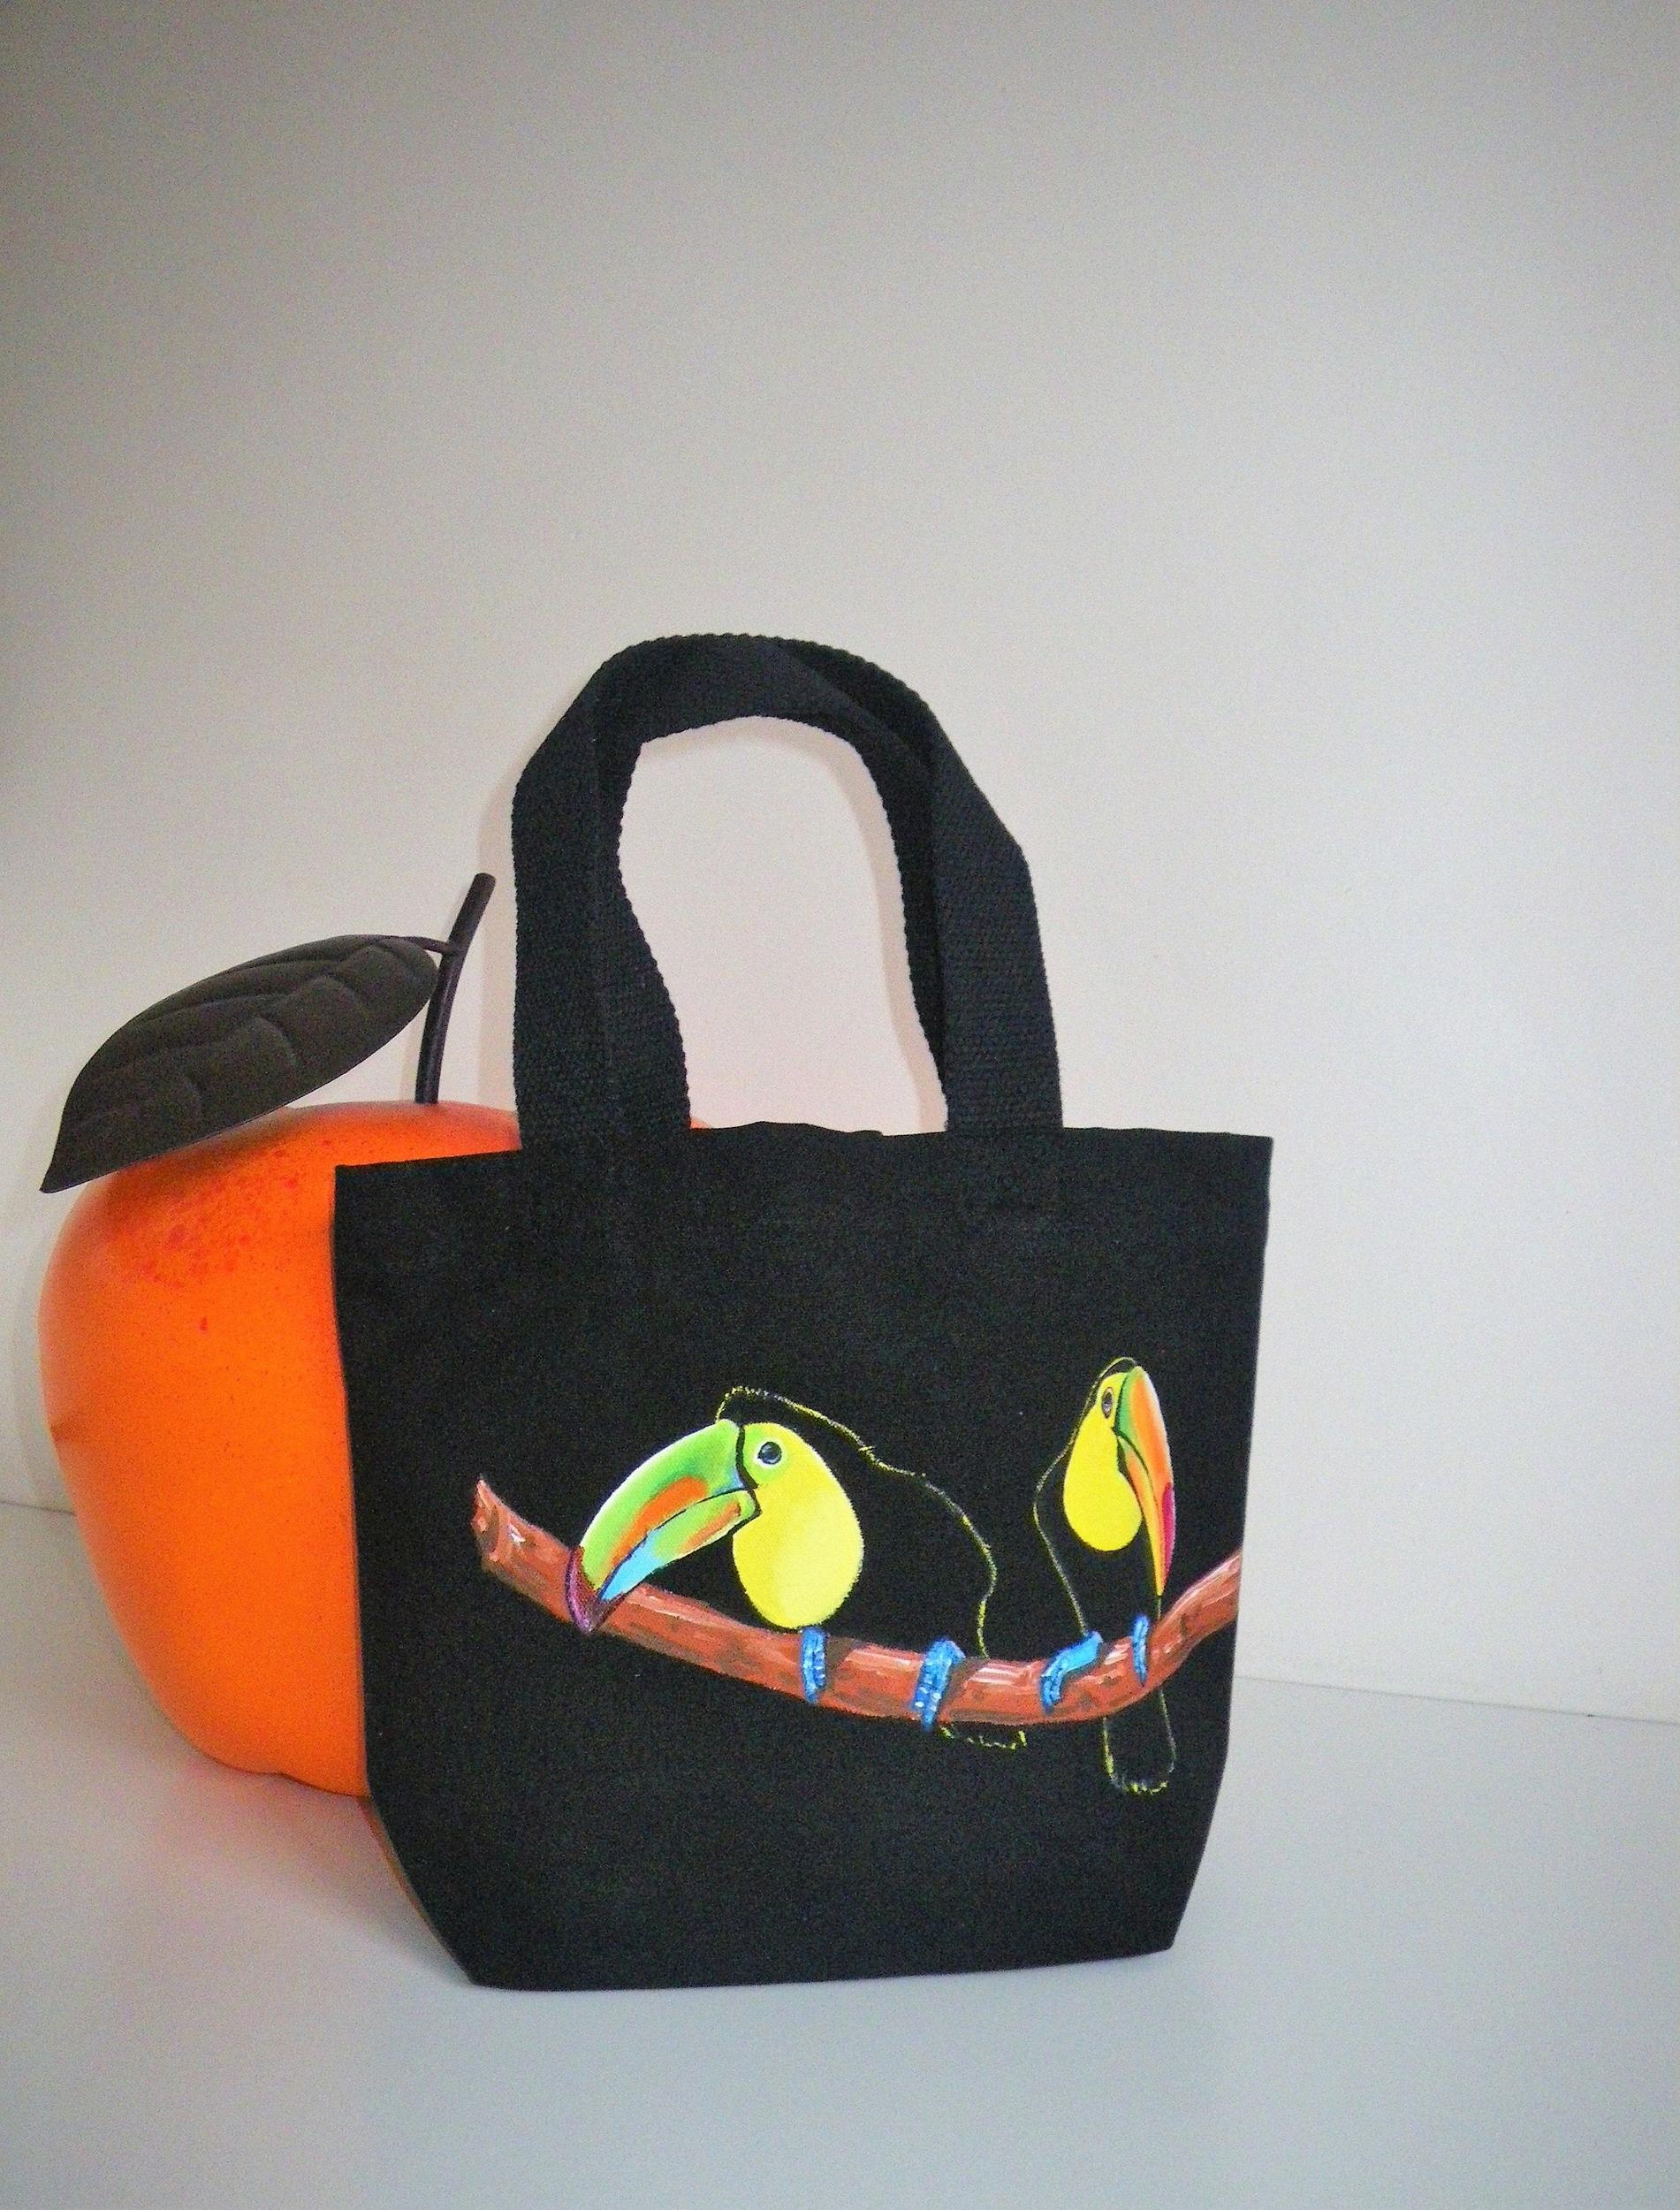 Sac Toucans en coton bio noir peint à la main